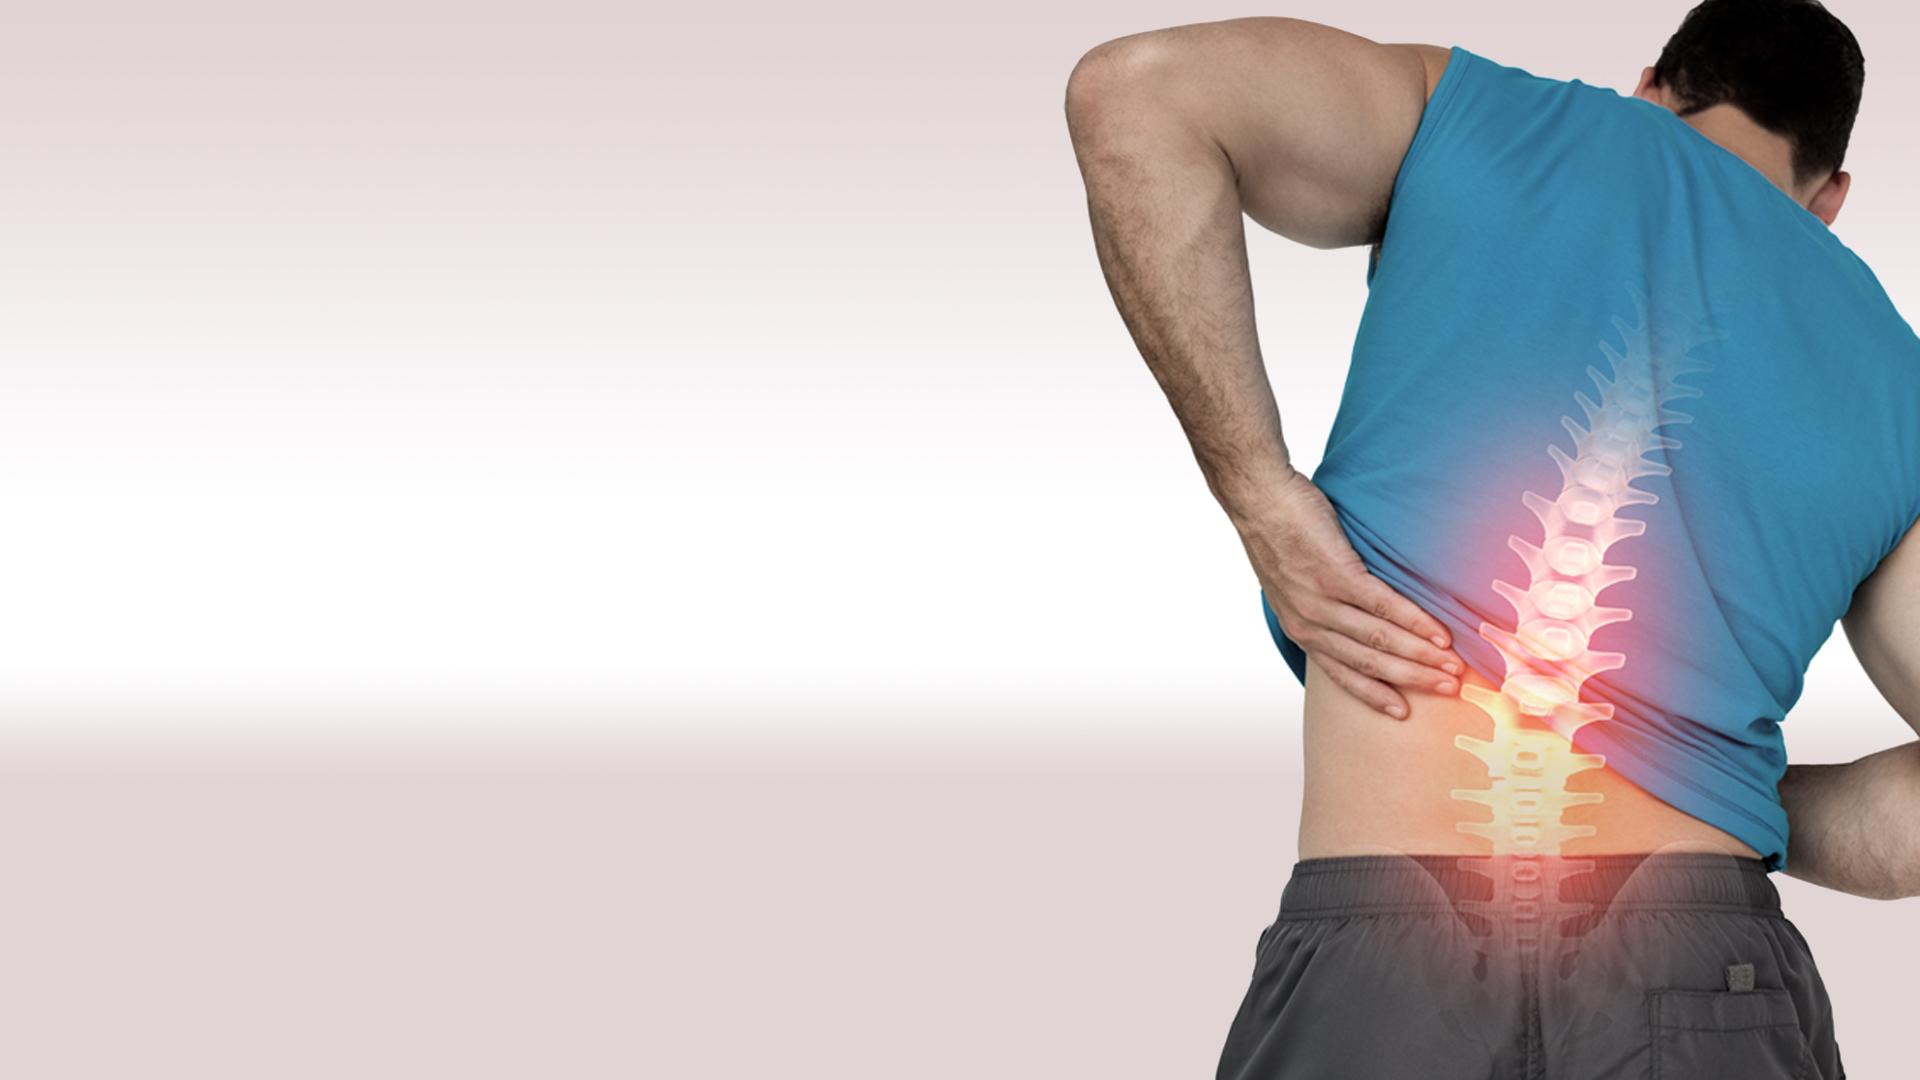 Easy Exercises For Managing Sciatica Pain